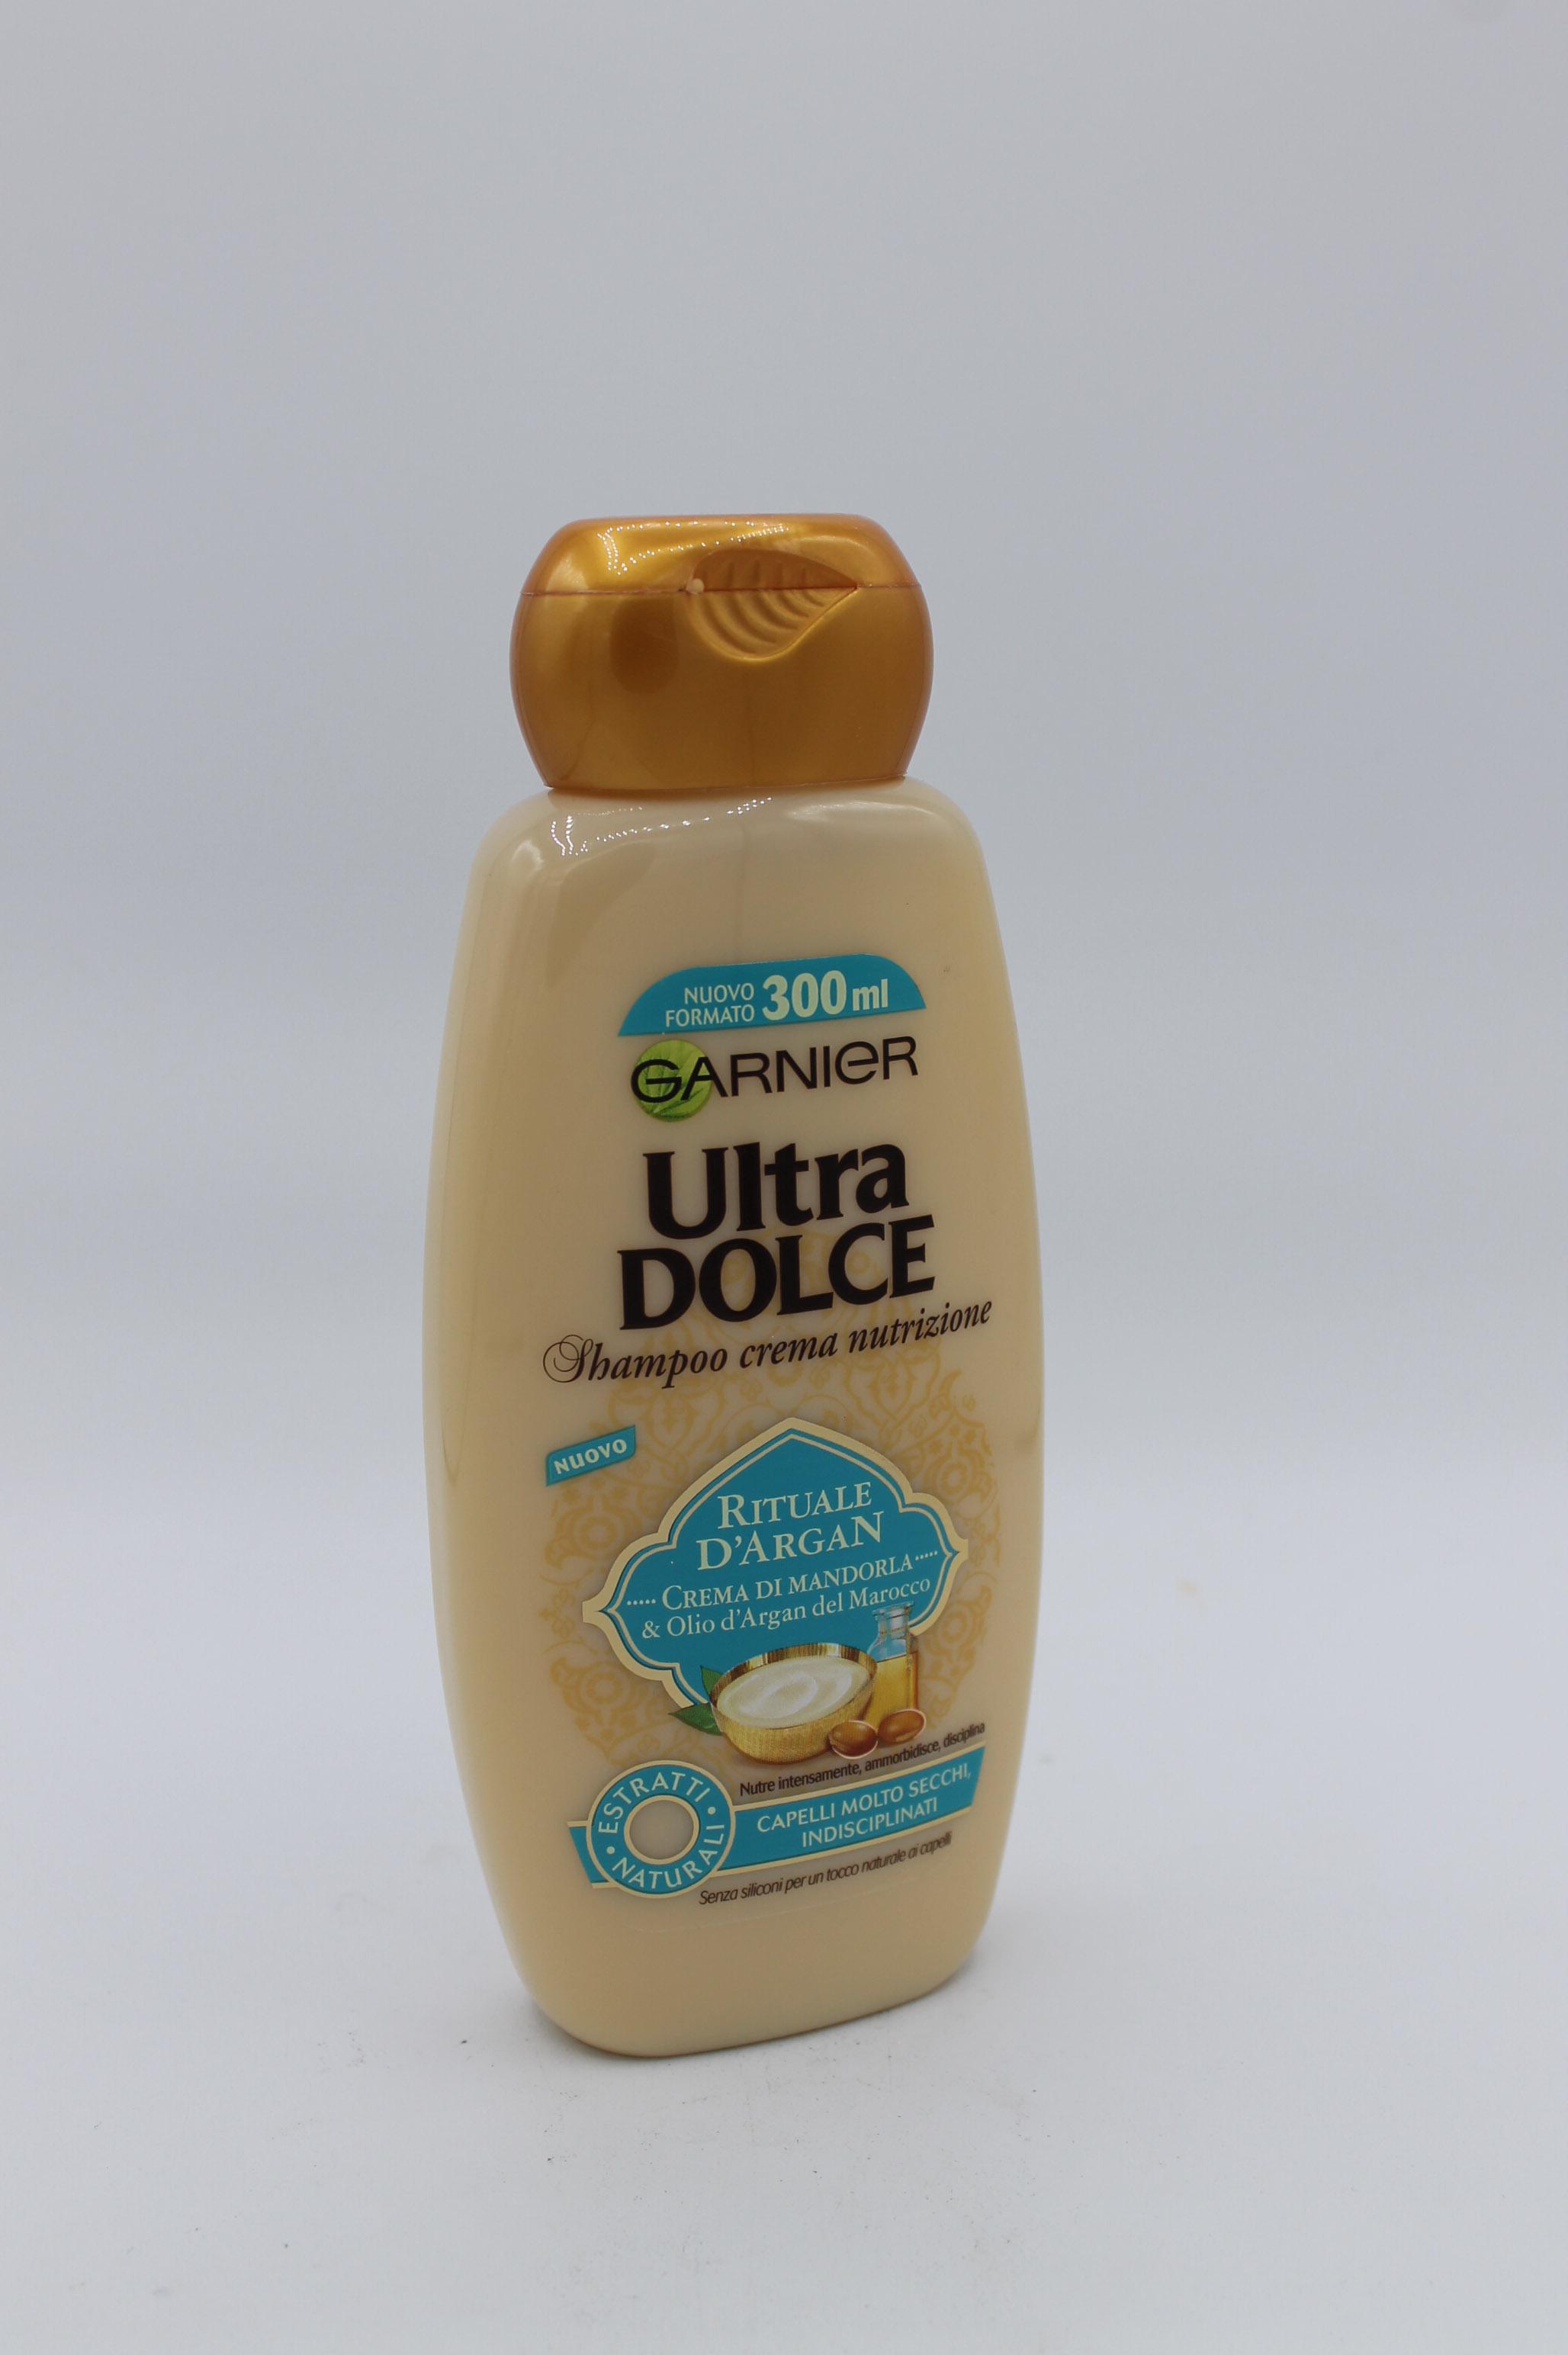 Garnier shampoo ultra dolce olio argan 300ml.